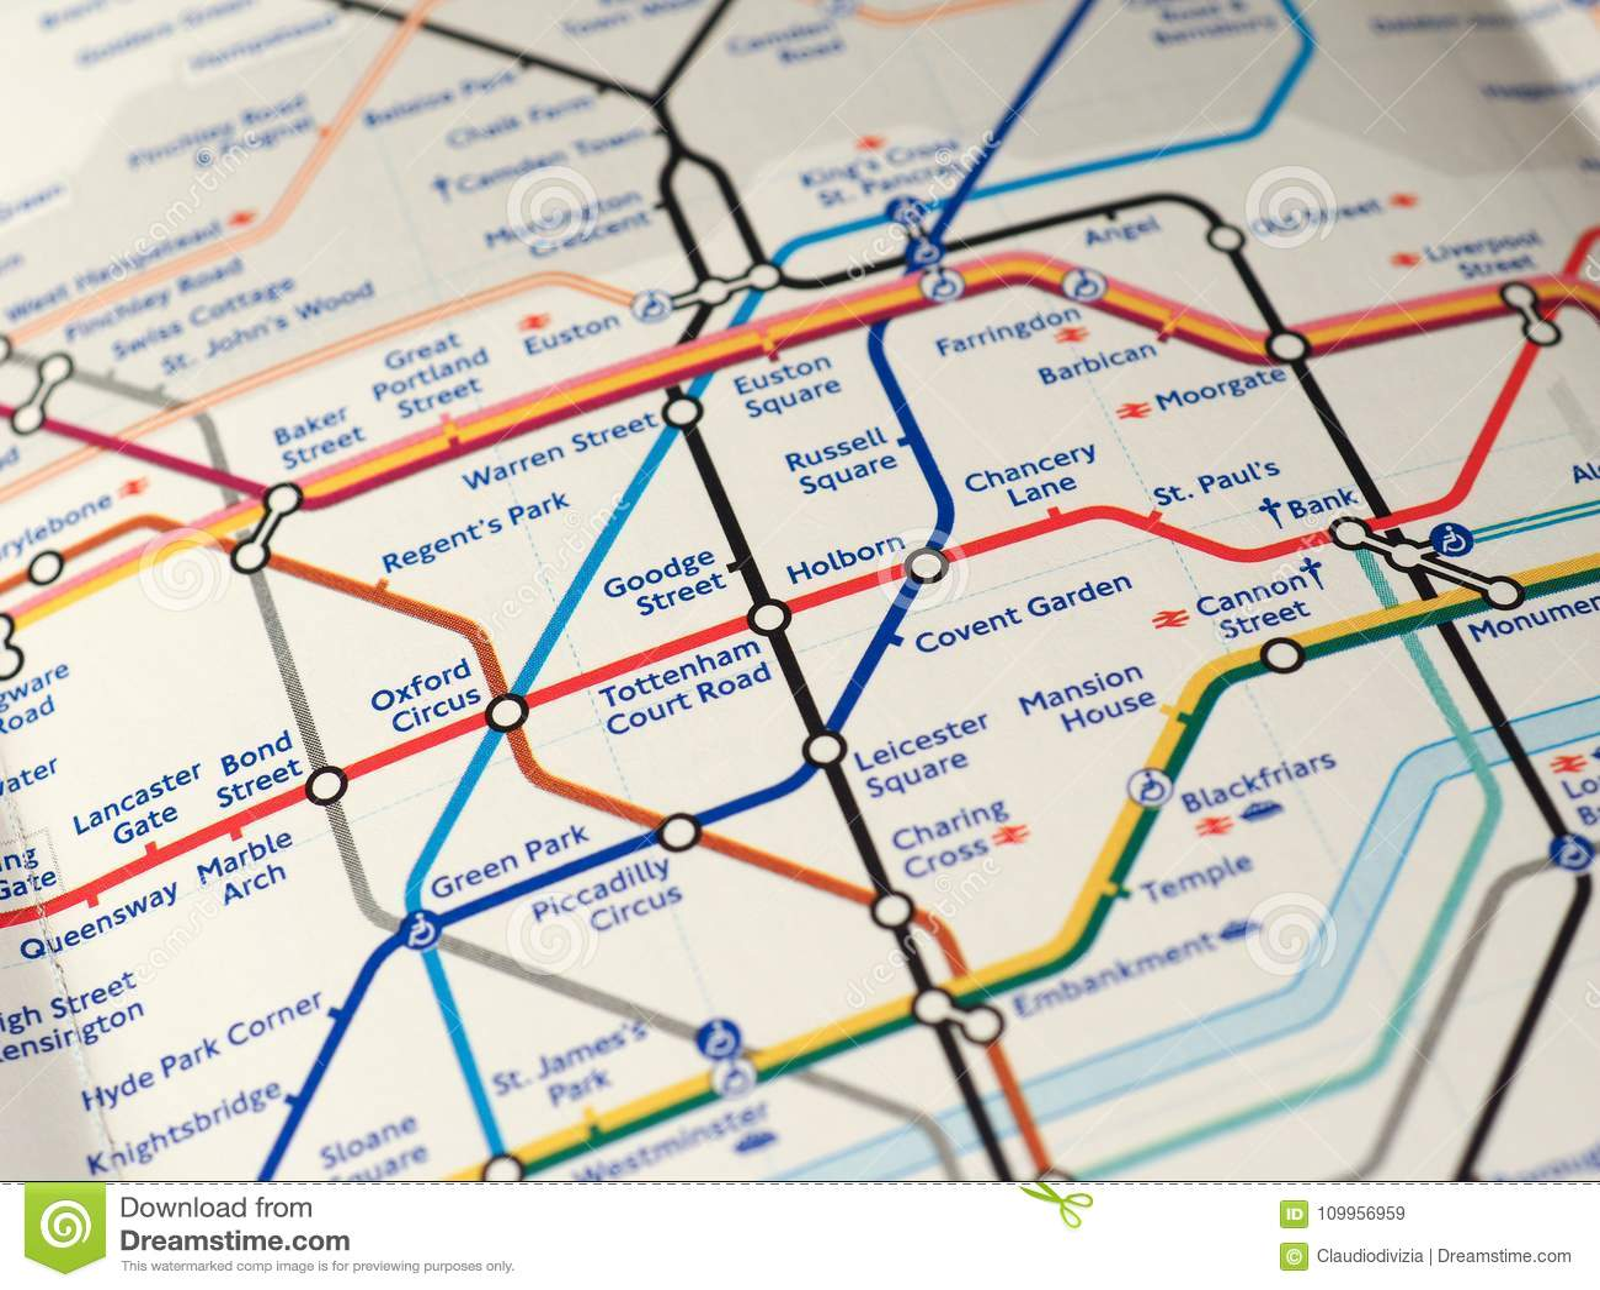 Estações De Metro Londres Mapa.Mapa De Londres Subterraneo Imagem De Stock Editorial